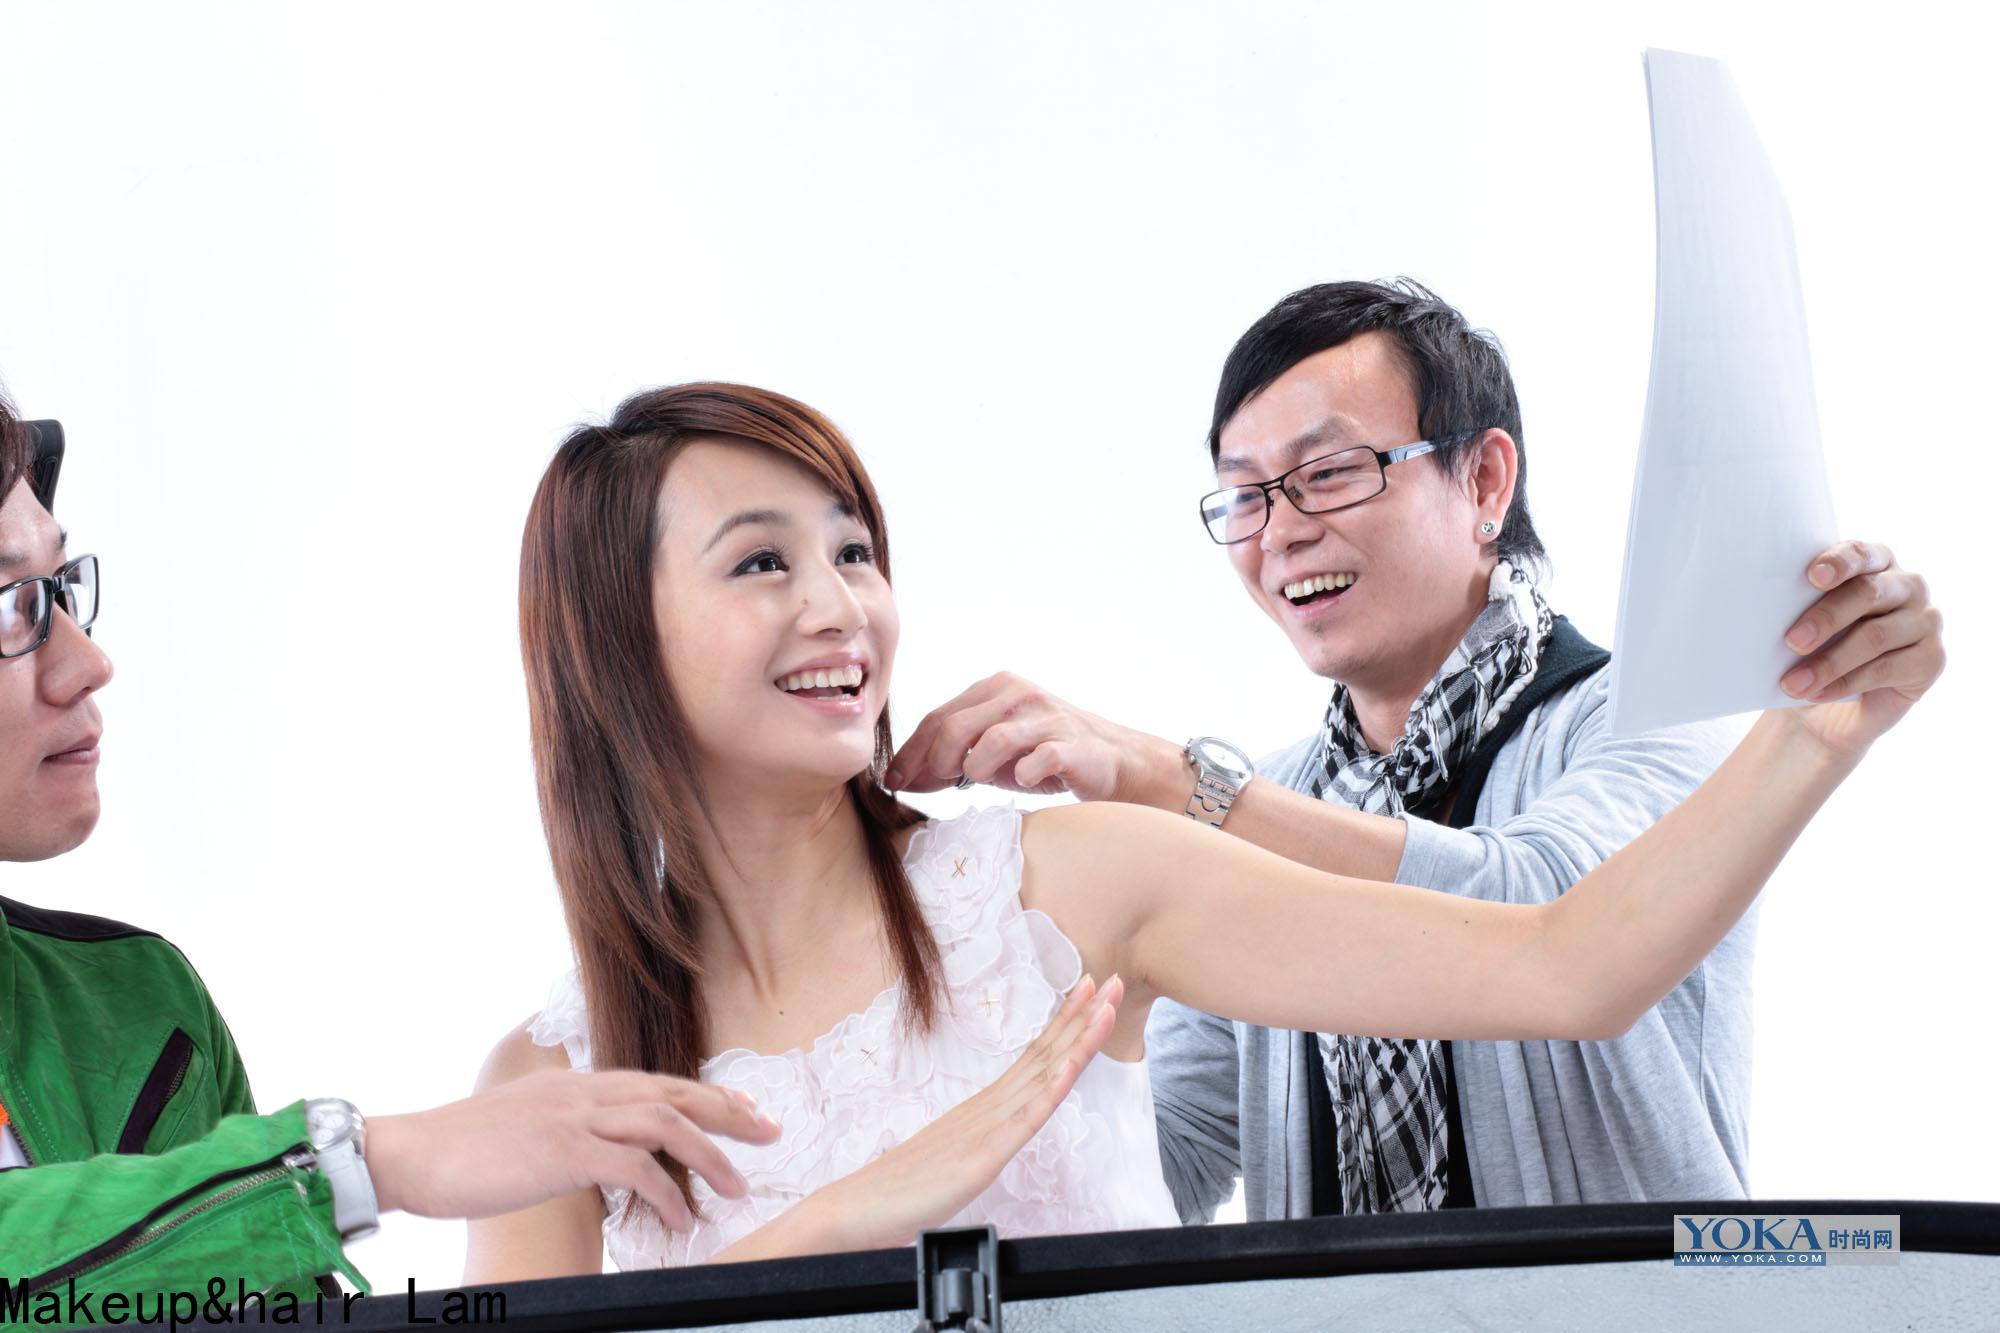 广告妆. T台妆. 摄影妆. 面试妆. 生活妆. 新娘妆 化妆师lam的时尚博客